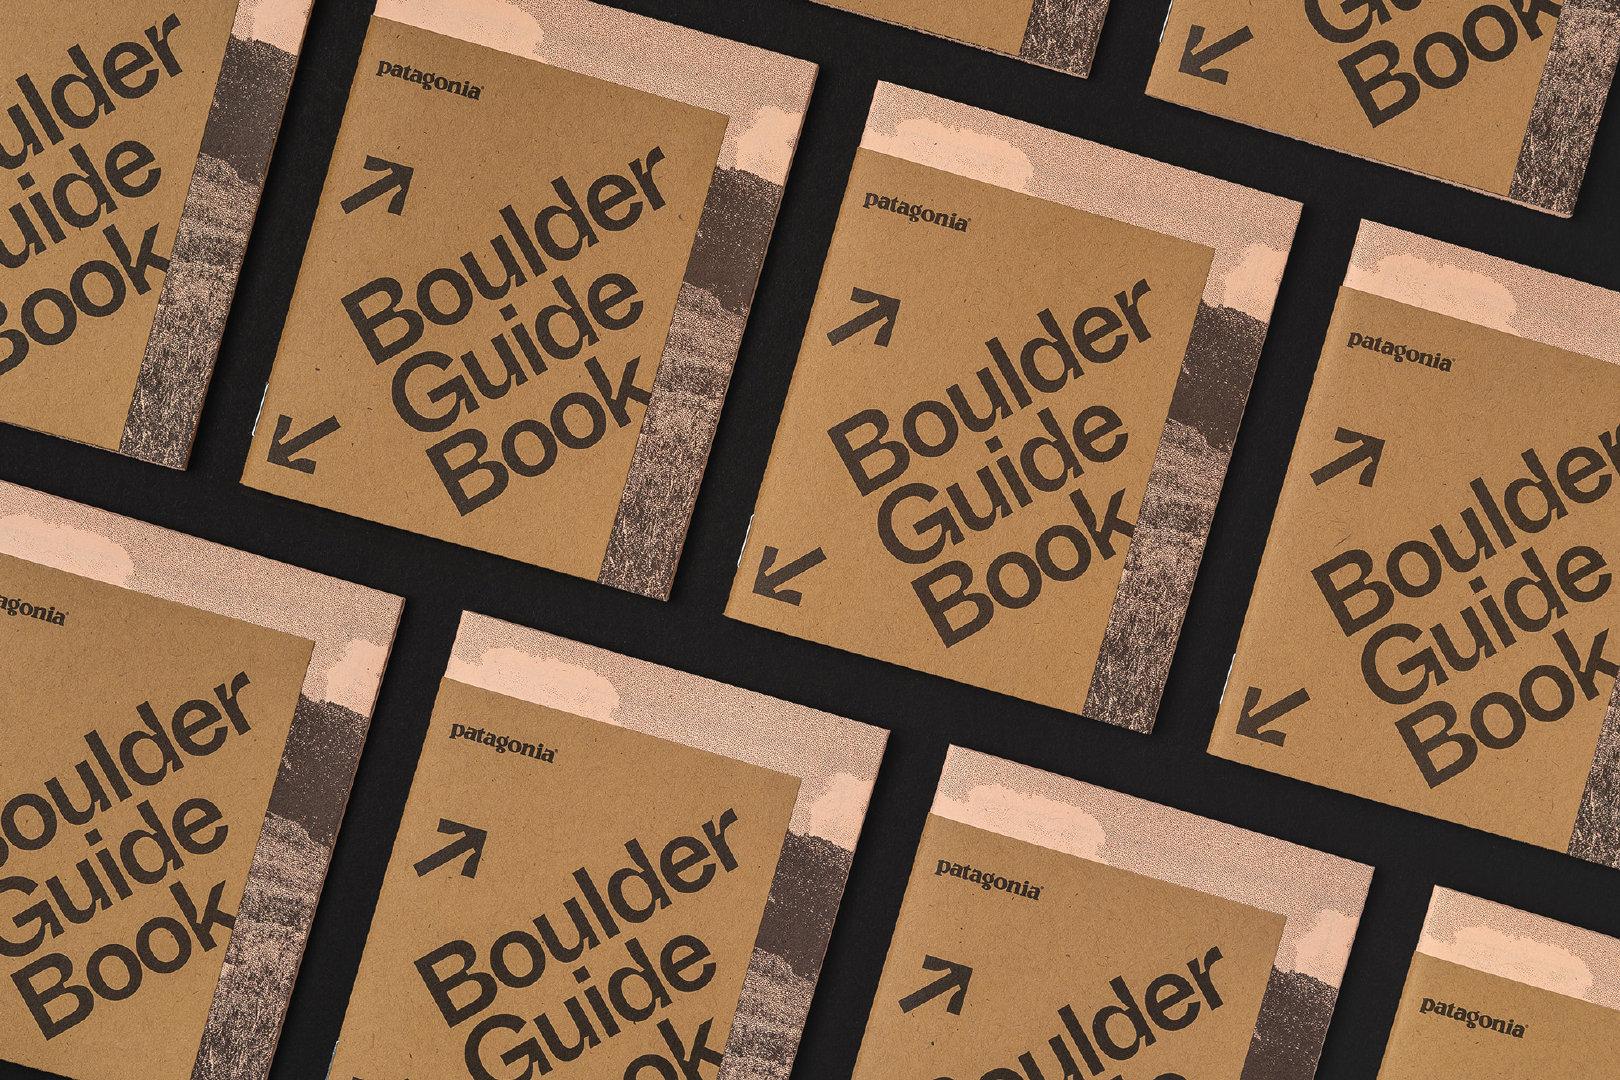 波德(Boulder)是位于美国科罗拉多州的一座城市